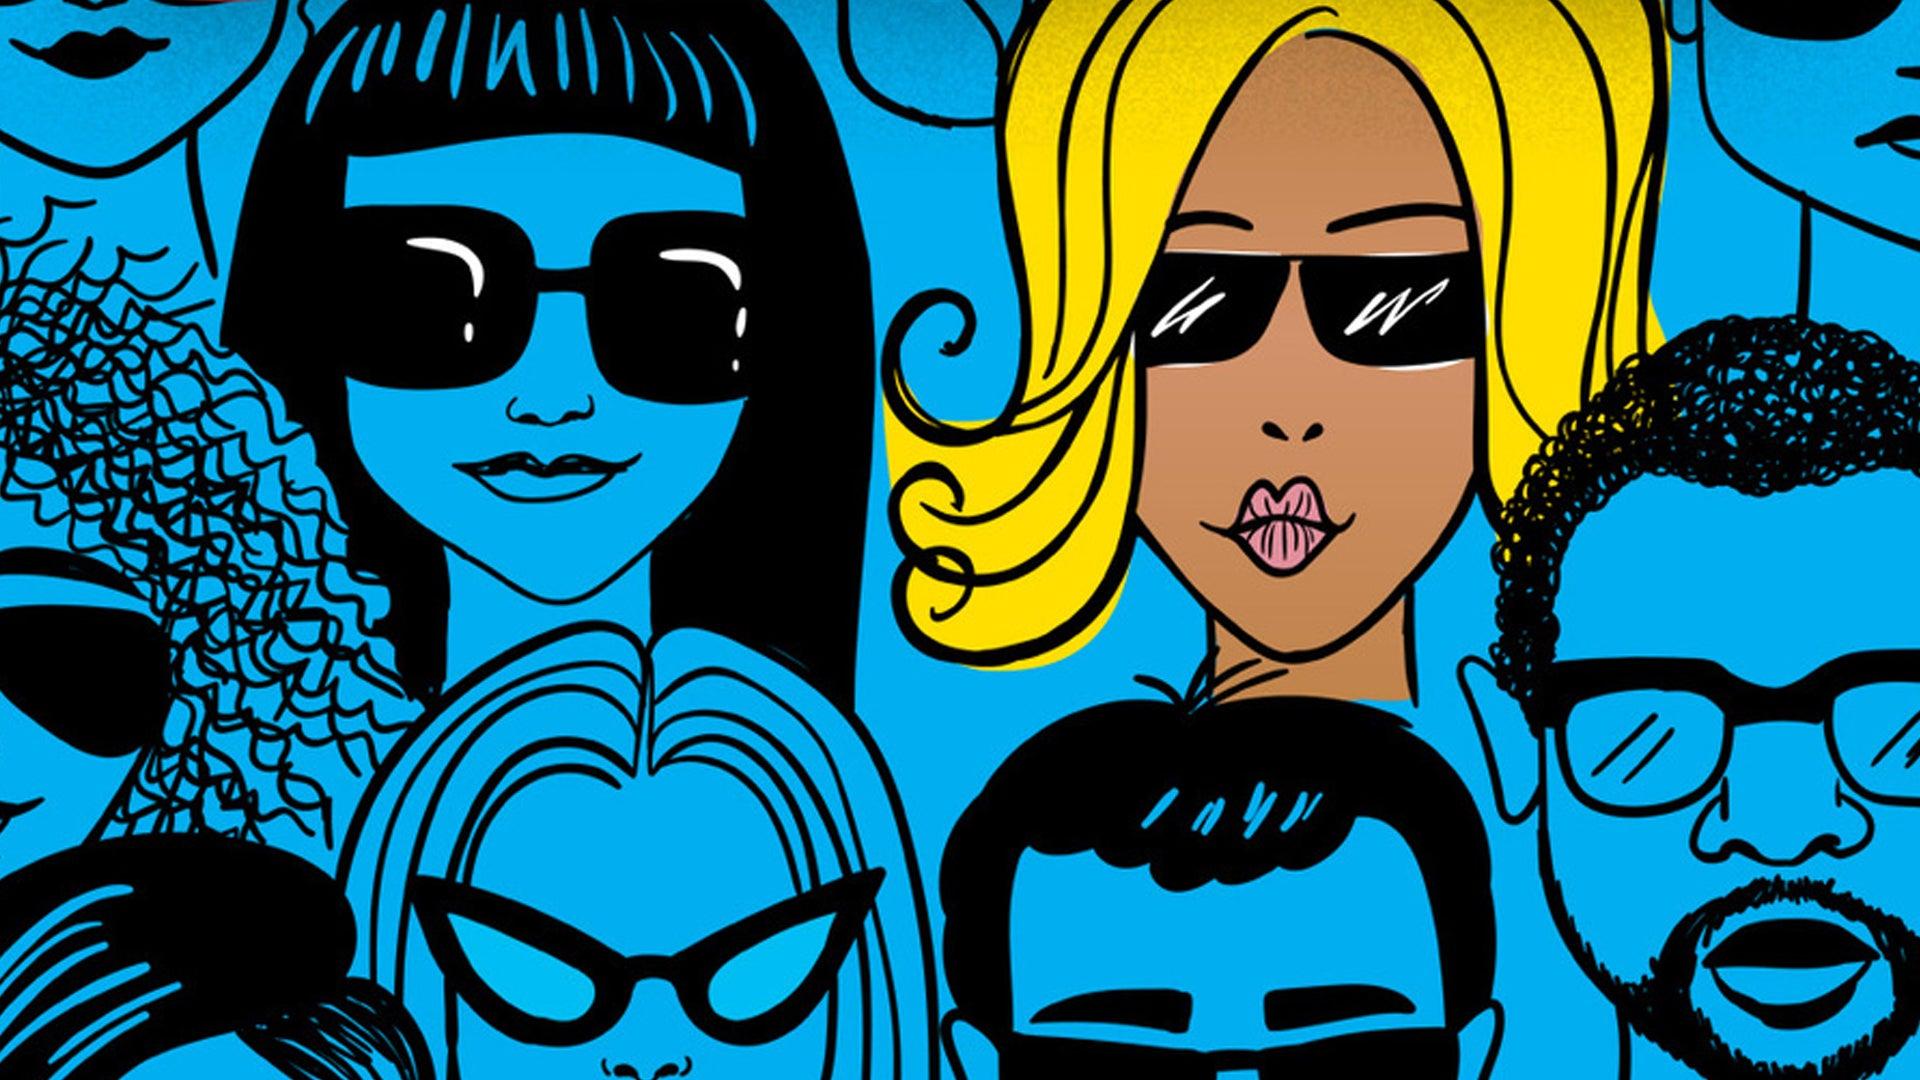 Secret Squad board game artwork